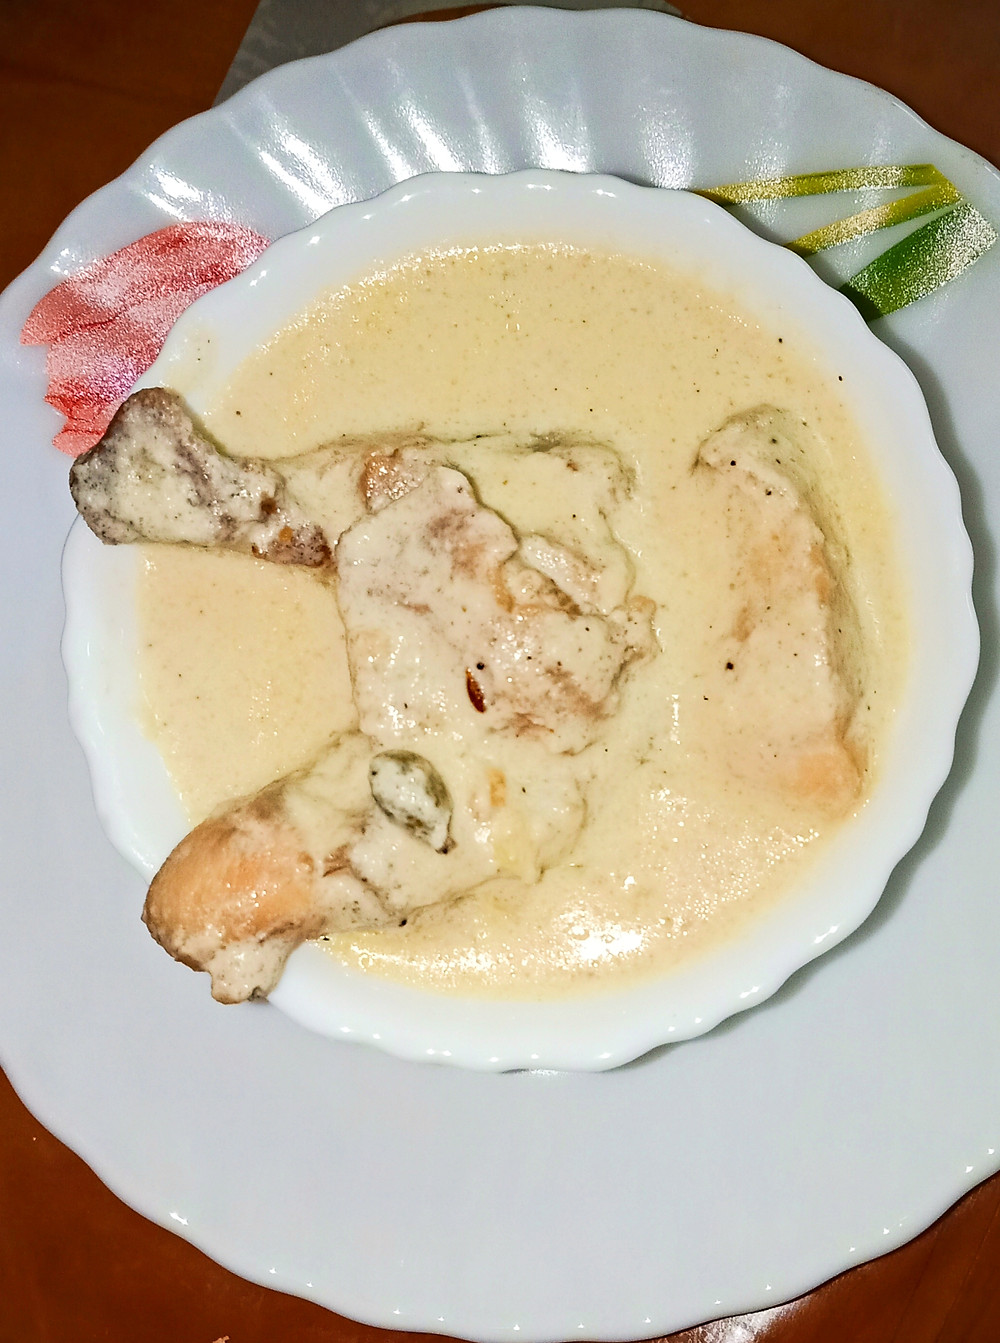 Chicken with Malai, Malai Chicken, Punjabi Chicken